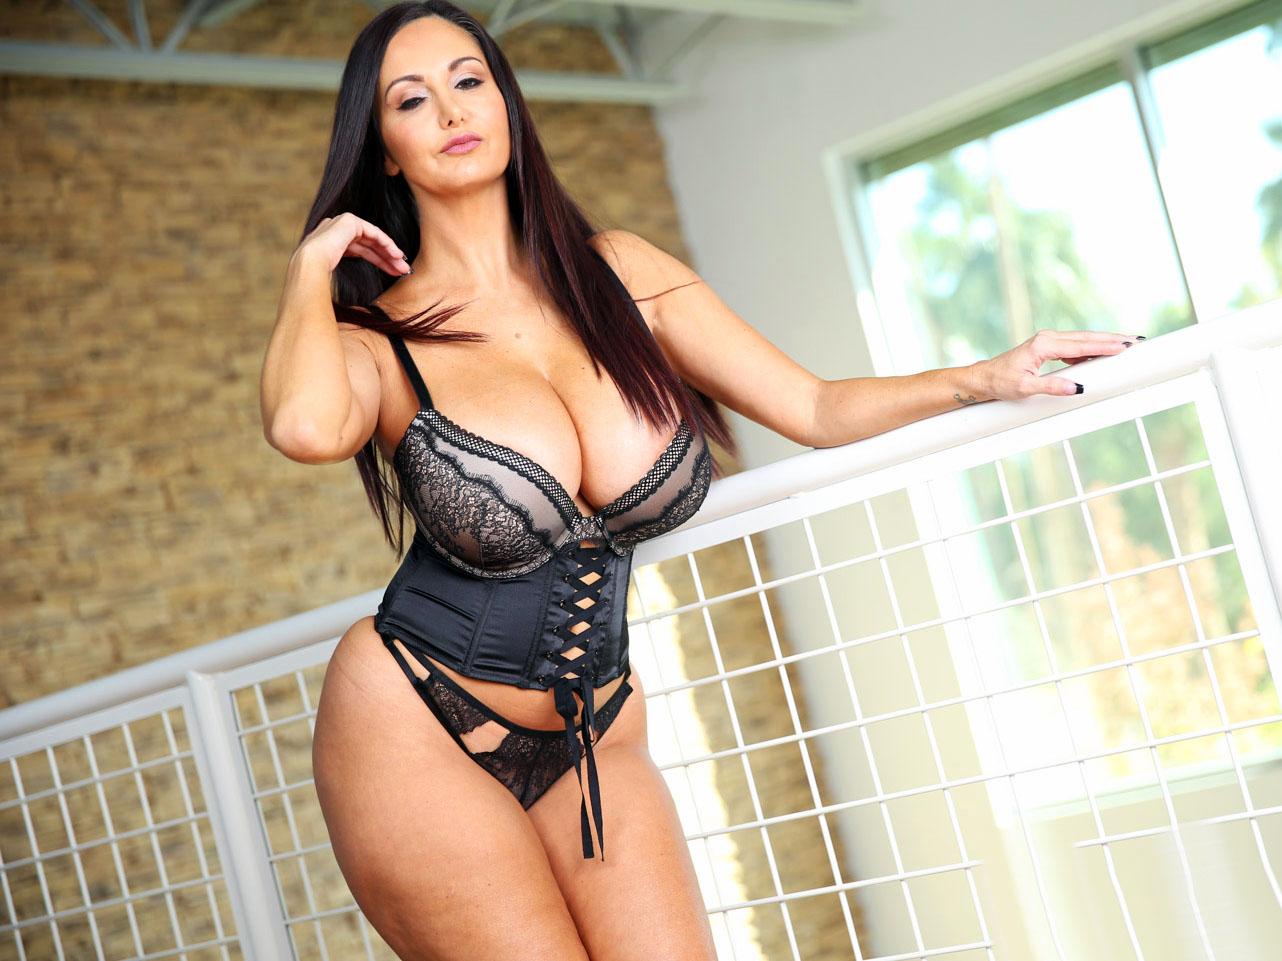 Breasts & Body rub